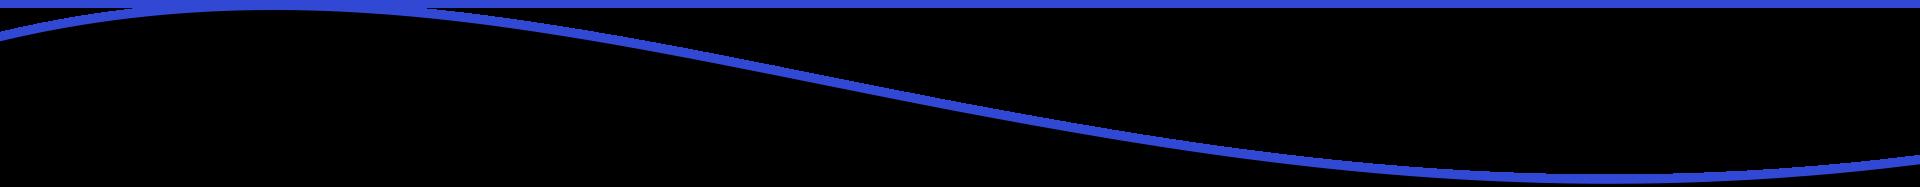 bordo-blu-stufa-del-trentino-stufa-in-maiolica